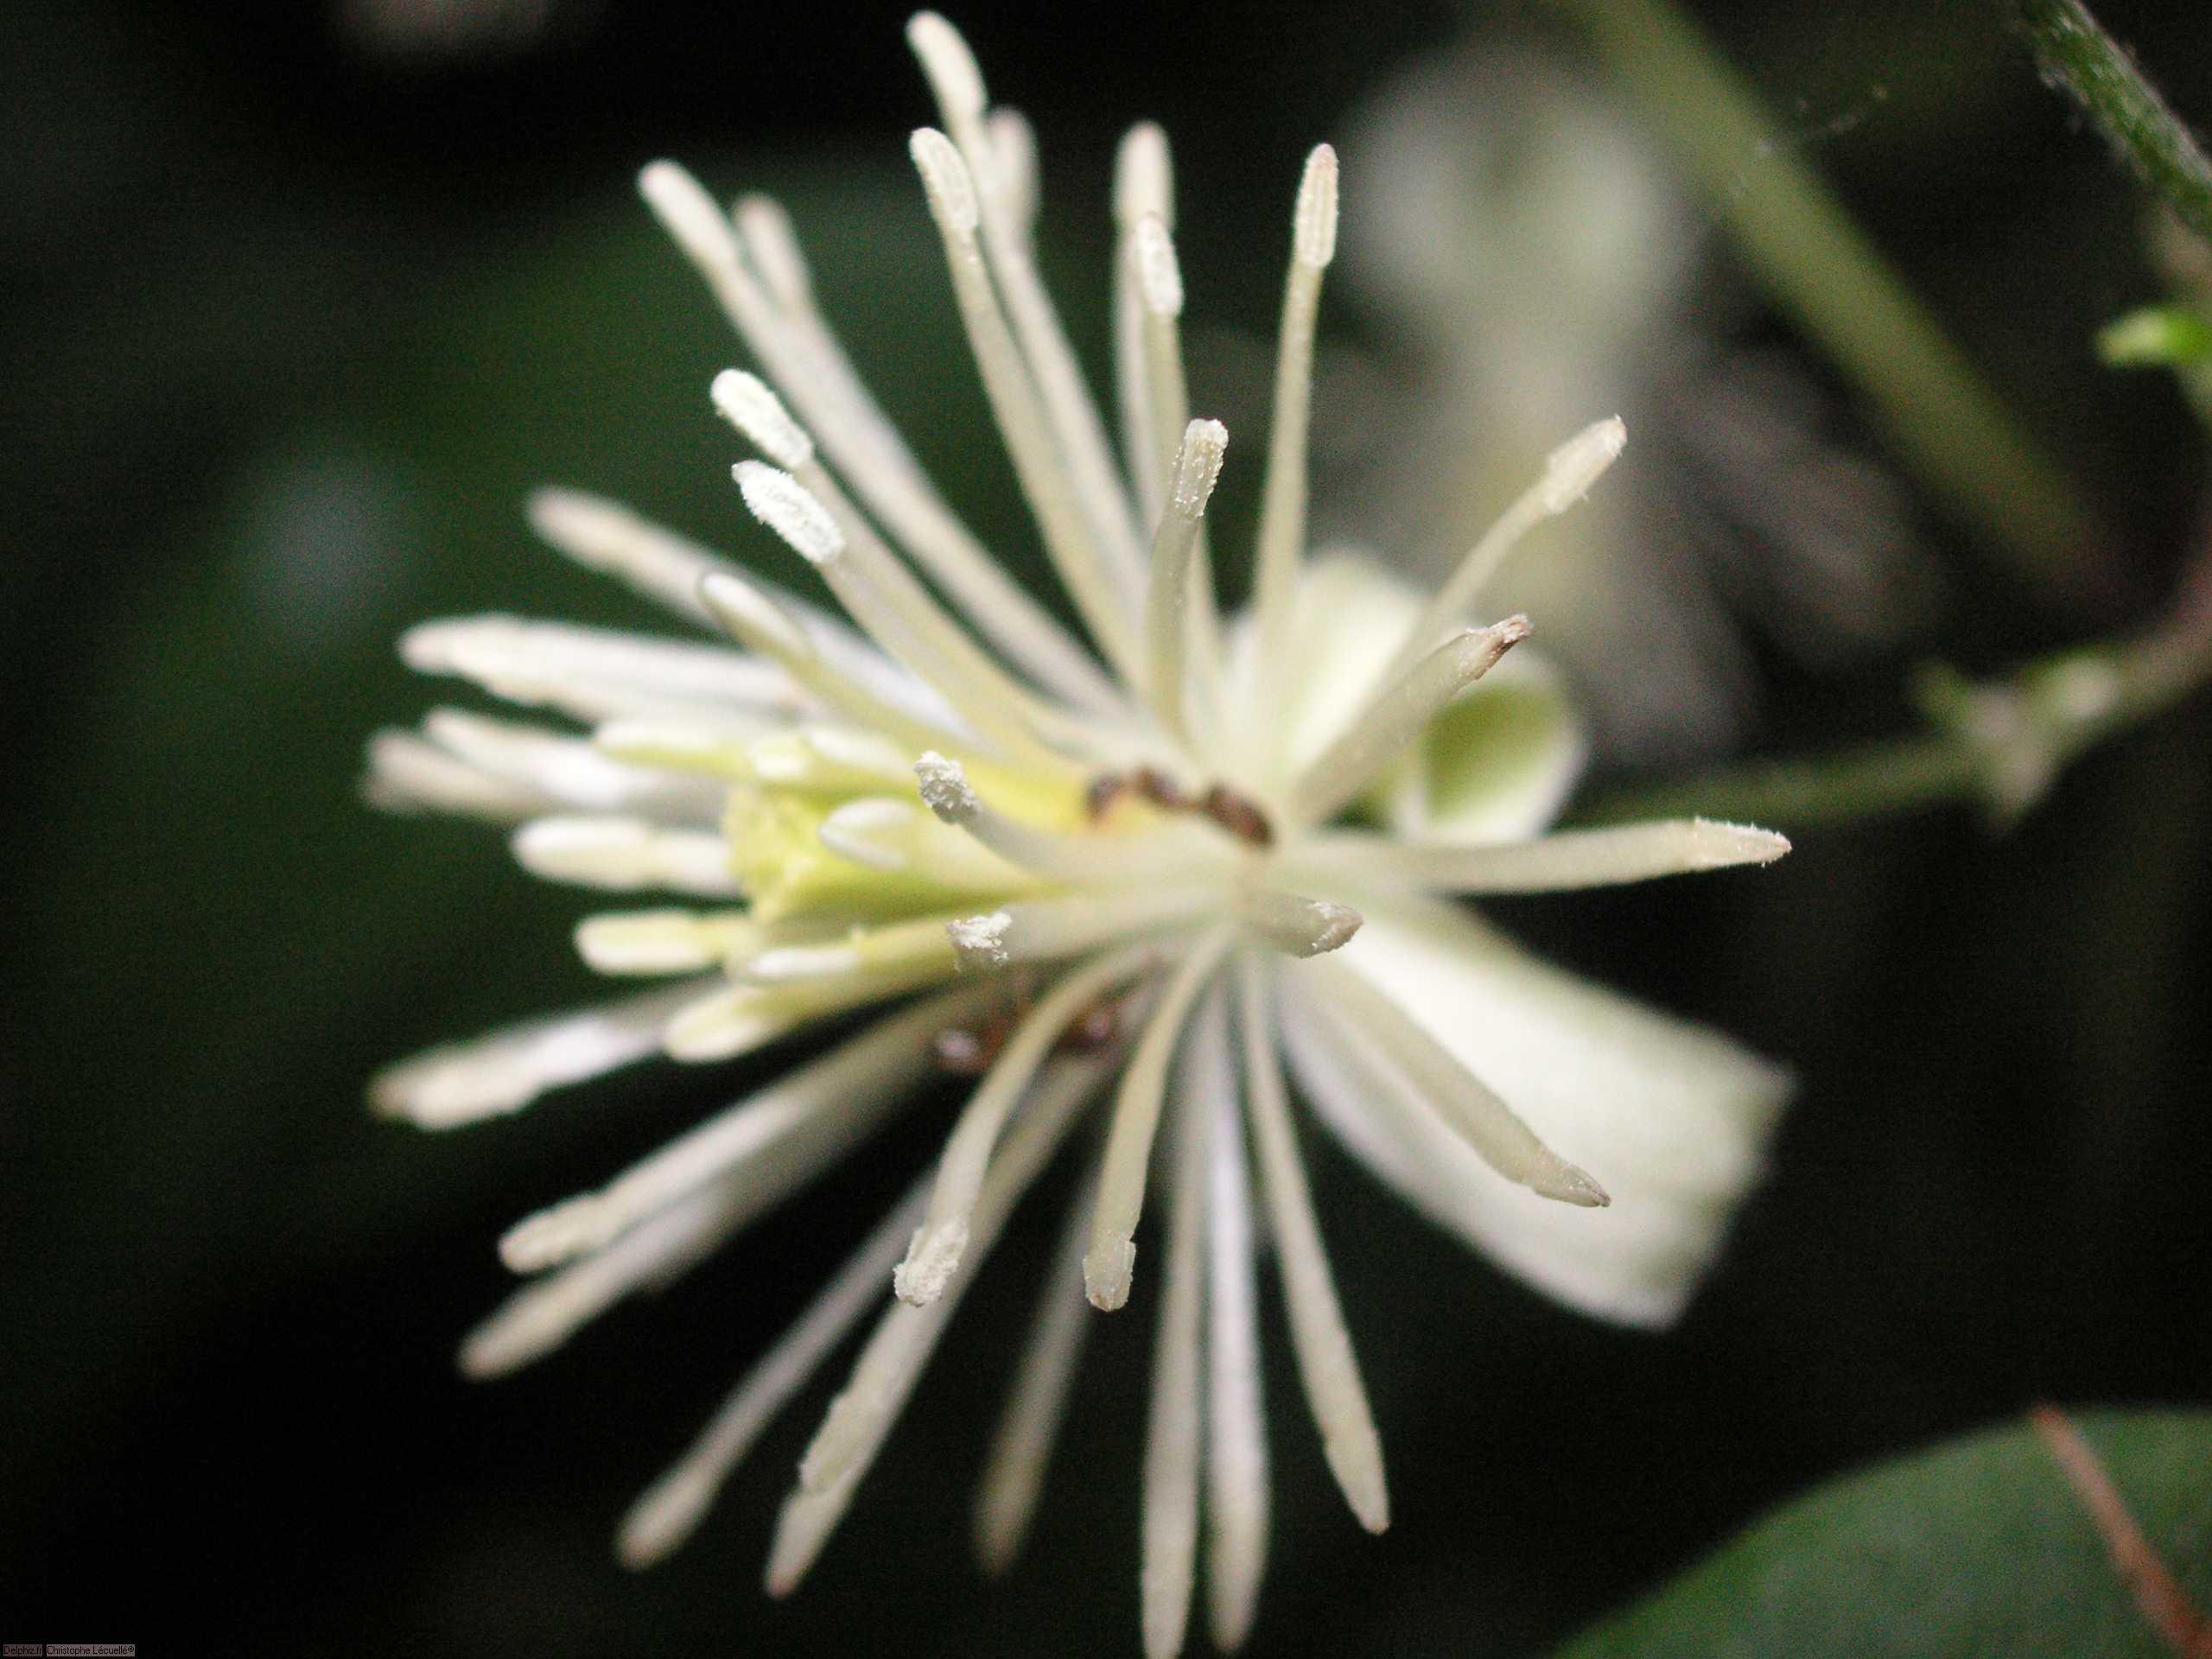 Fleurs des pyr n es le site des programmes for Site de fleurs